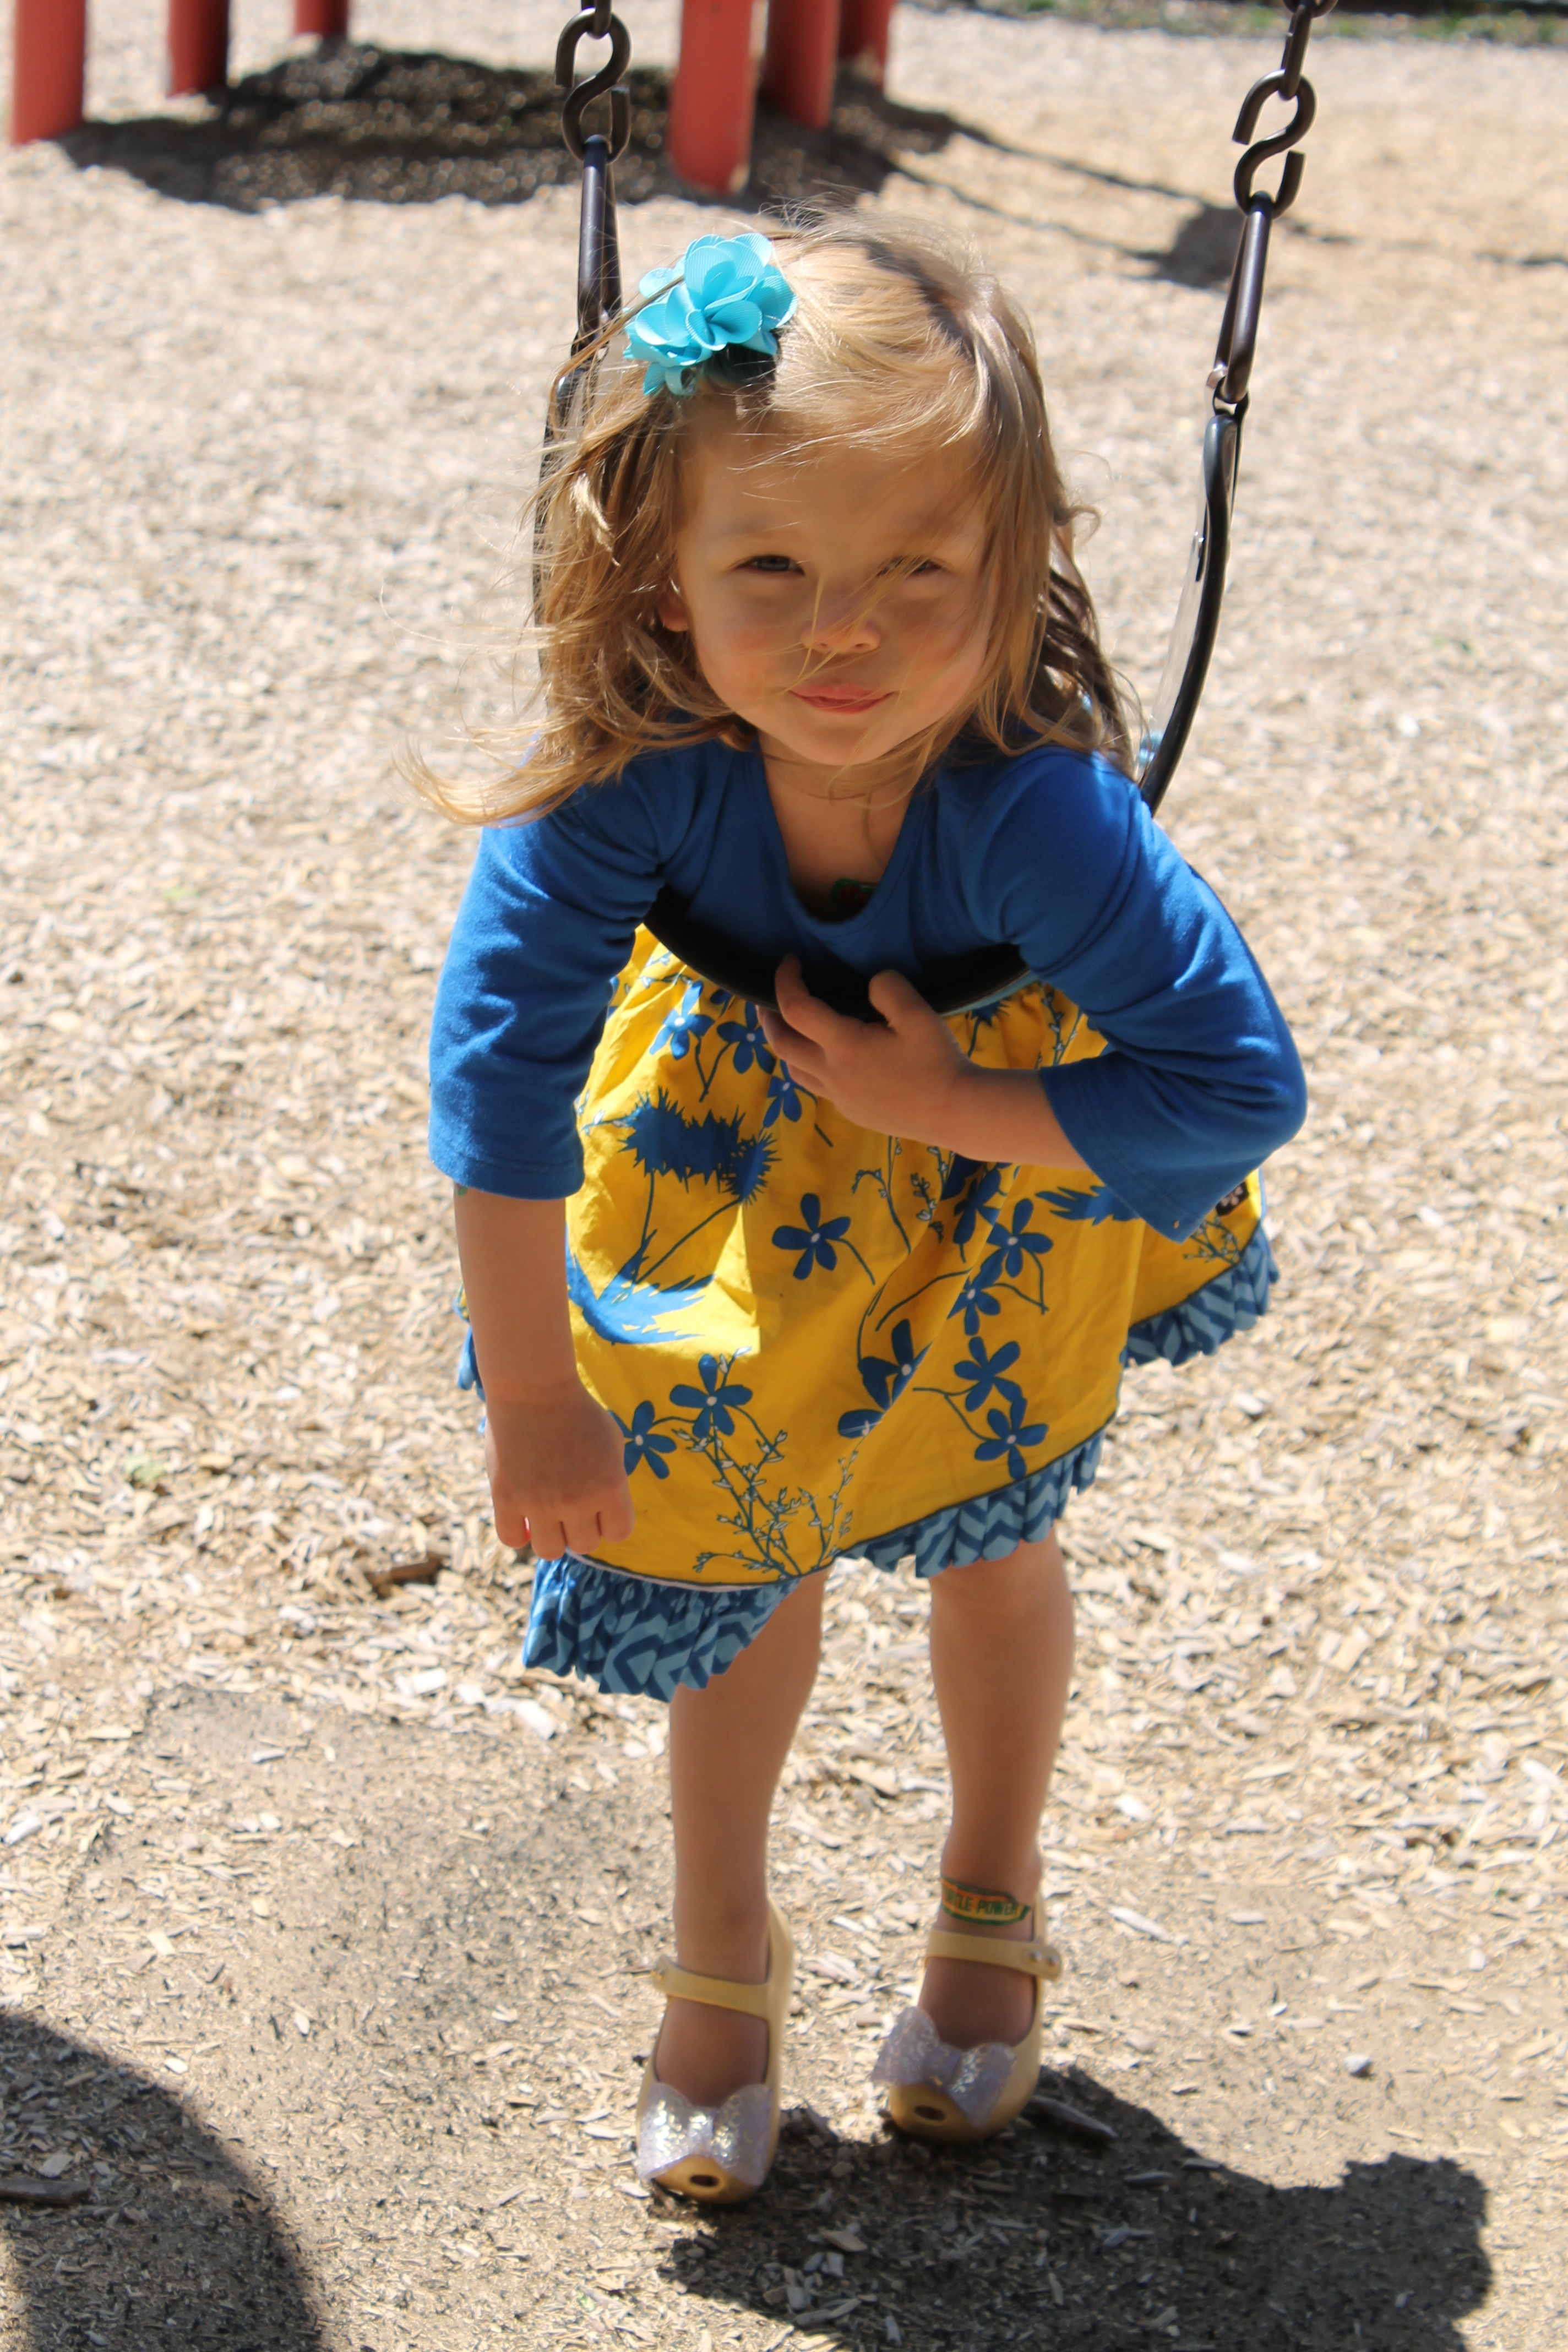 Llum petticoat dress pictures